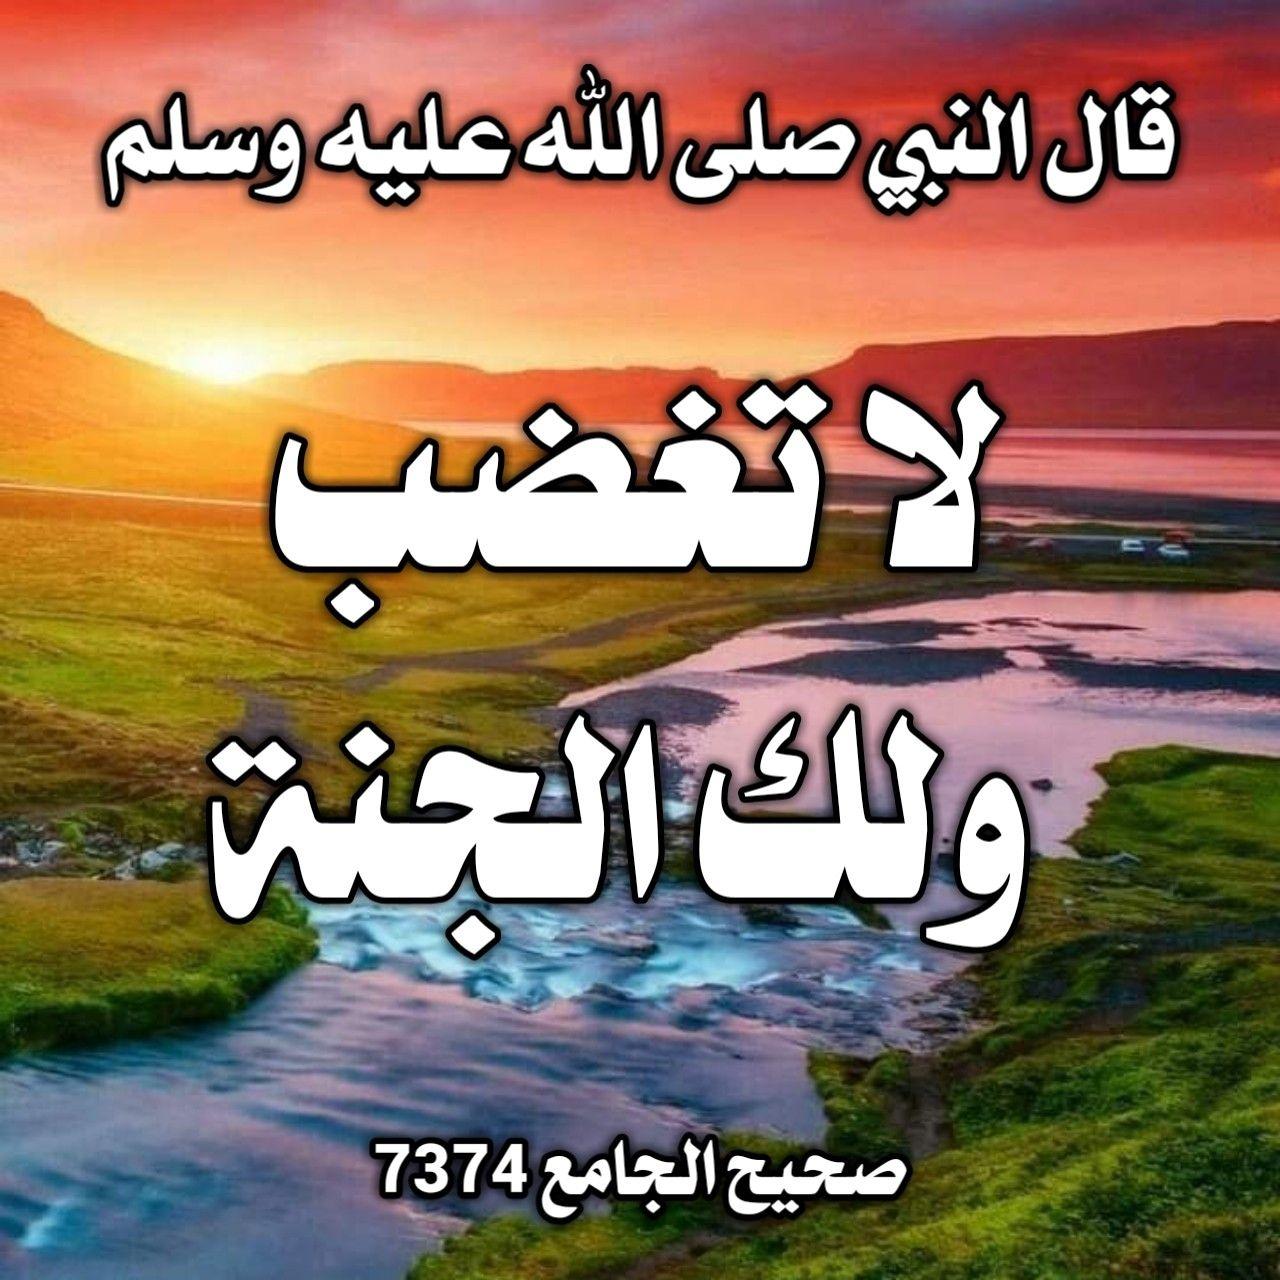 لا تغضب Hadith Islam Ramadan